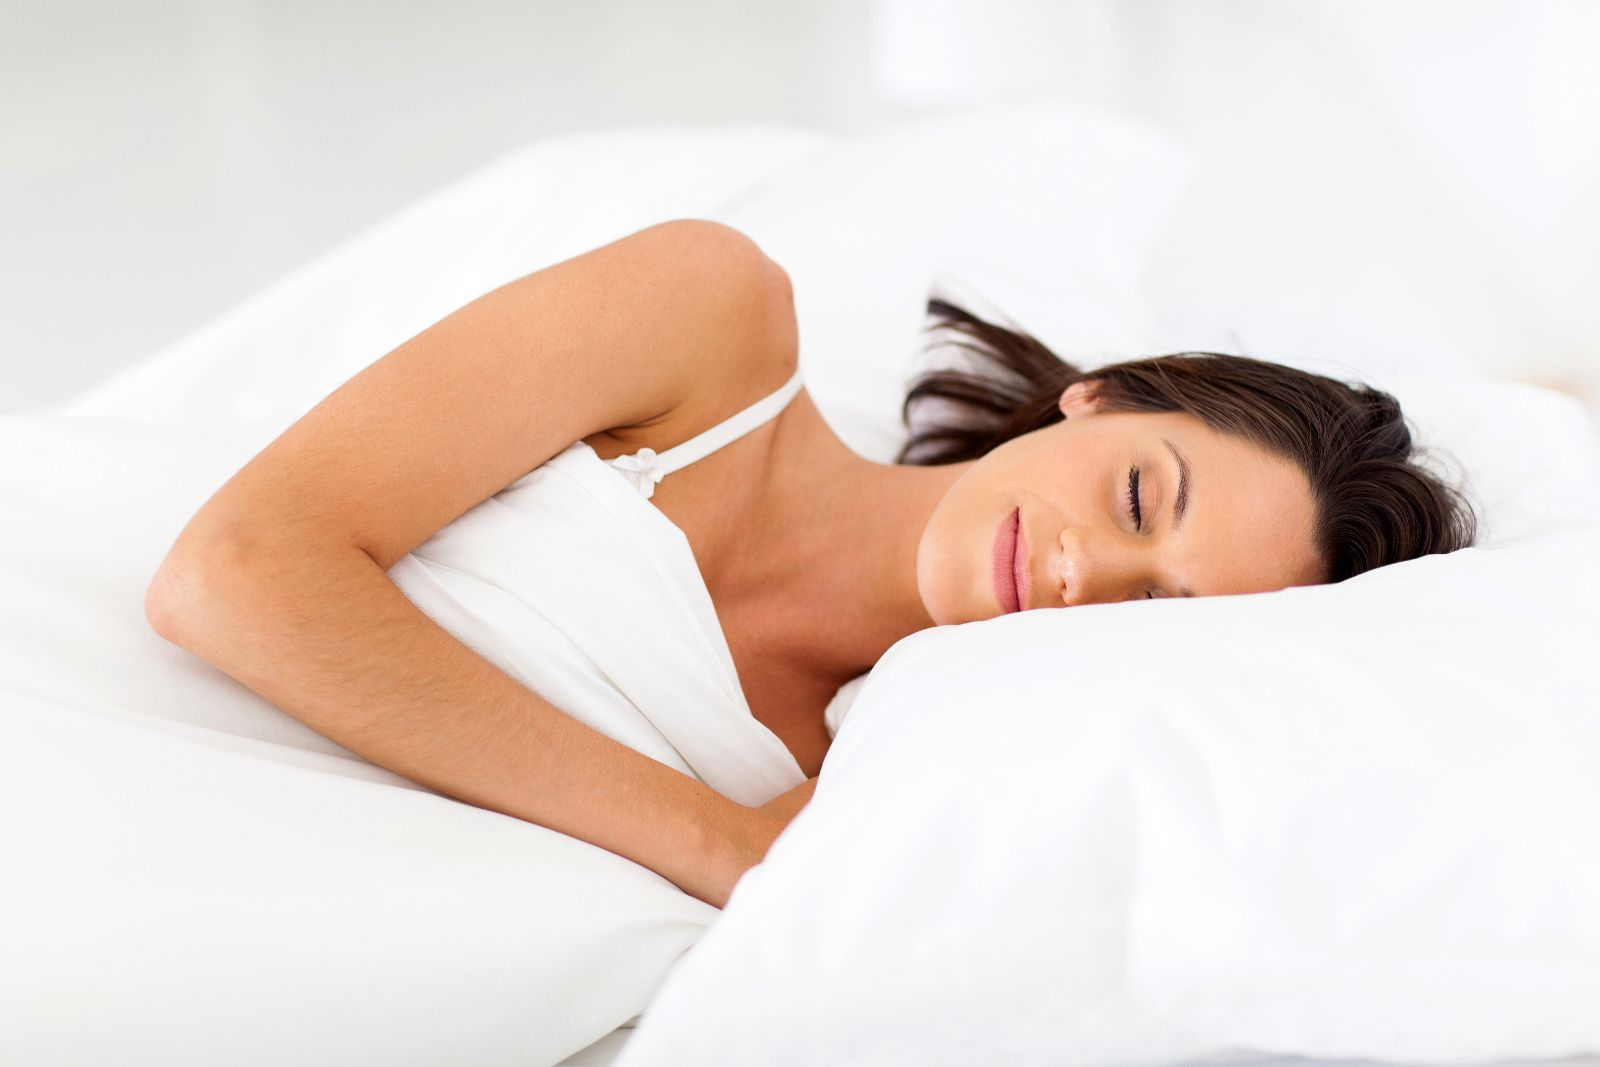 Factores como el sedentarismo, la obesidad y el estrés favorecen el dolor nocturno, el cual obstaculiza disfrutar un sueño suficiente y de buena calidad.